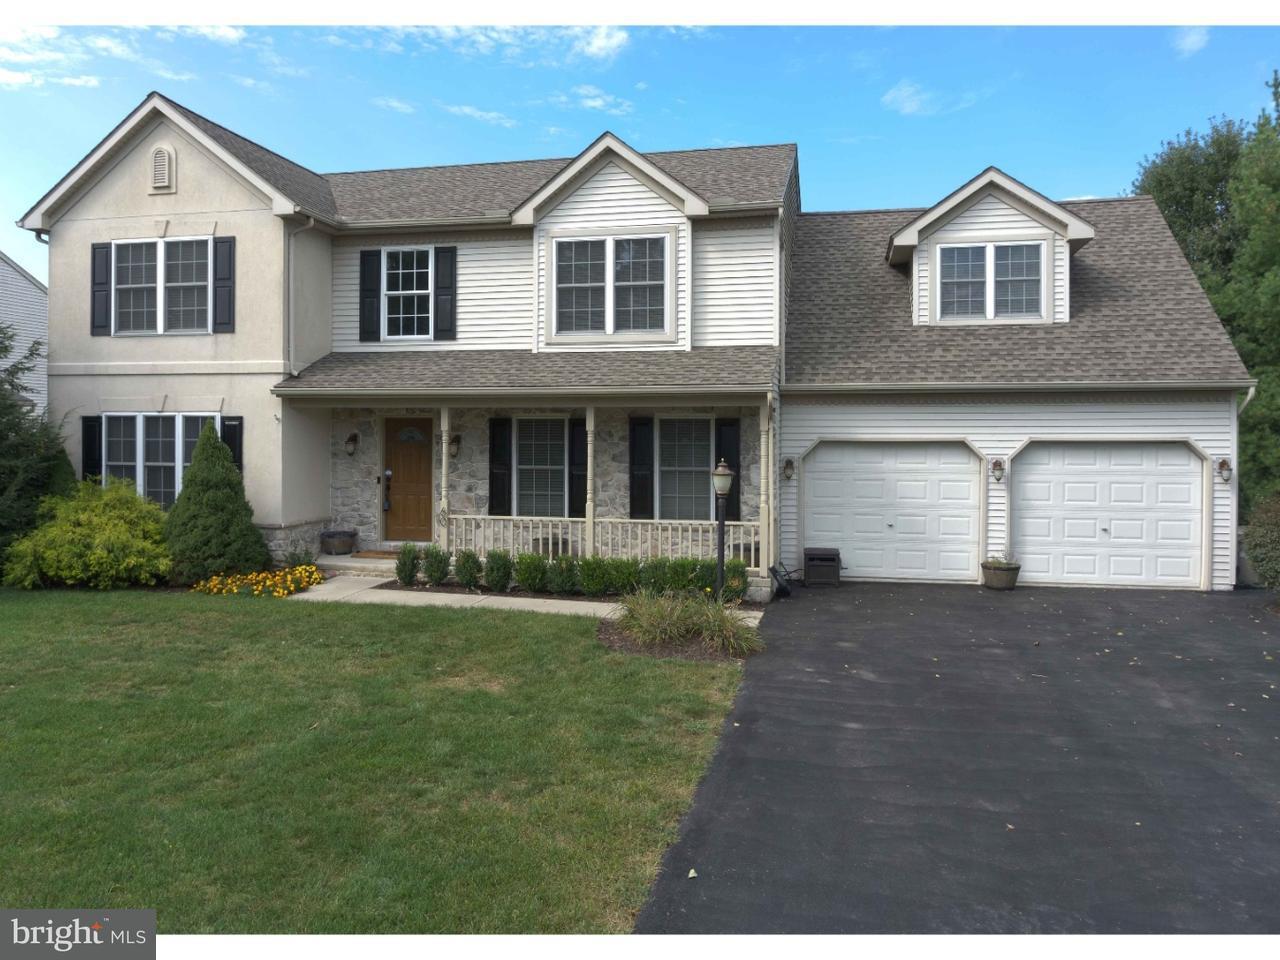 Частный односемейный дом для того Продажа на 60 ROCK Road Ephrata, Пенсильвания 17522 Соединенные Штаты